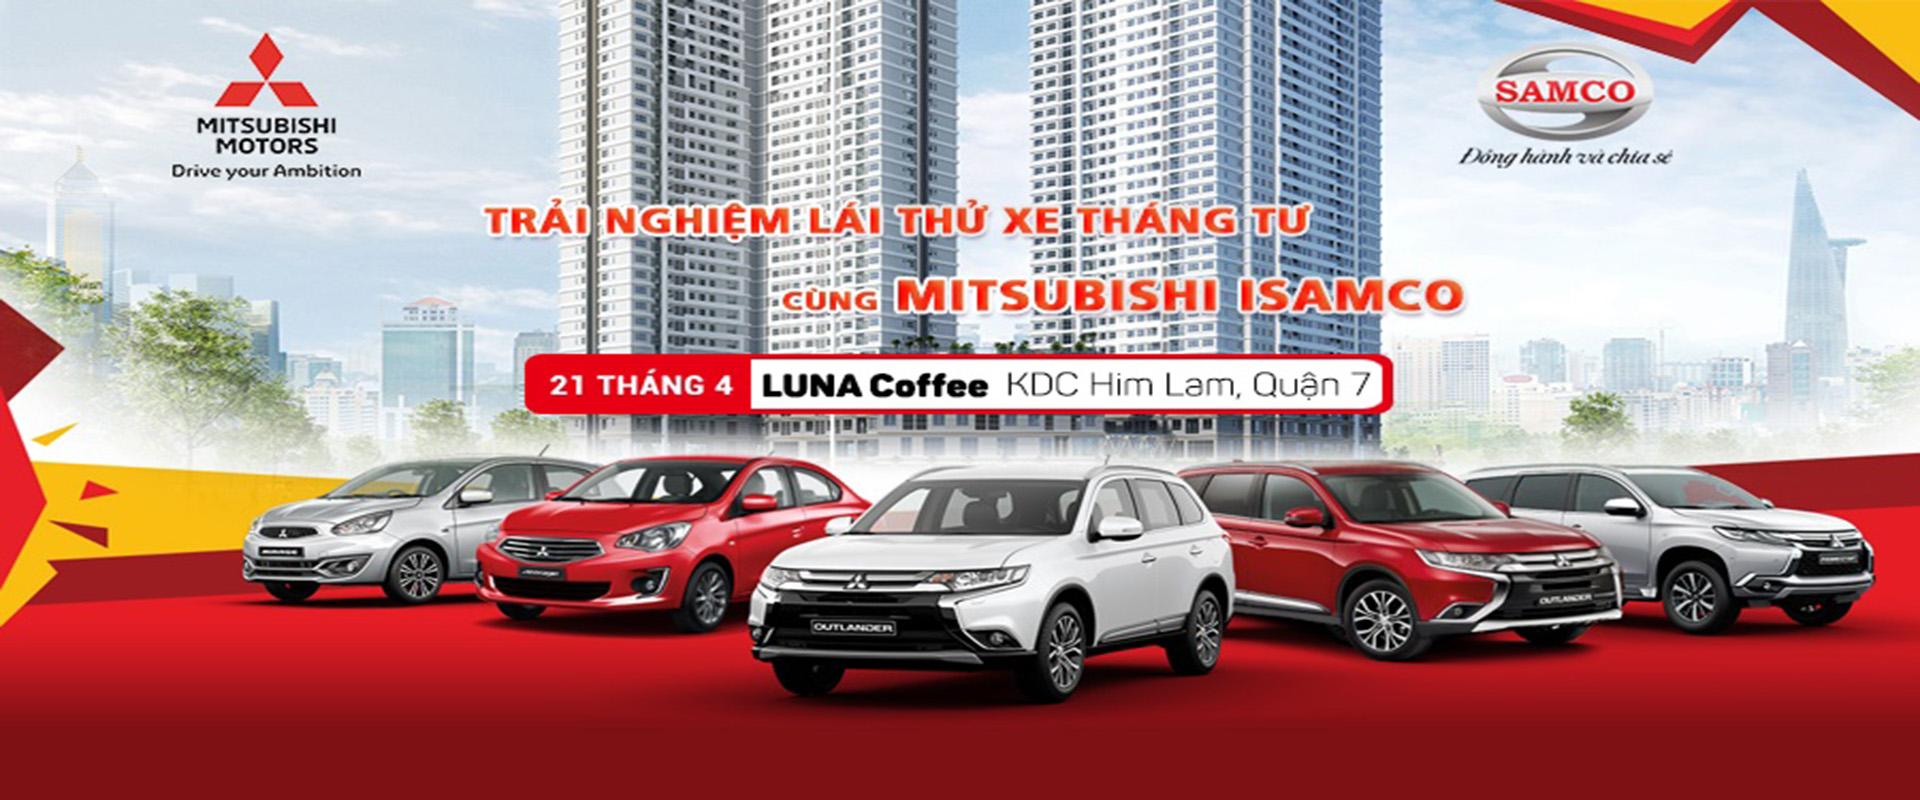 """Chương trình """"Trải Nghiệm Lái Thử Xe Cùng Mitsubishi ISAMCO"""" Tại LUNA Coffee Ngày 21/4/2018"""